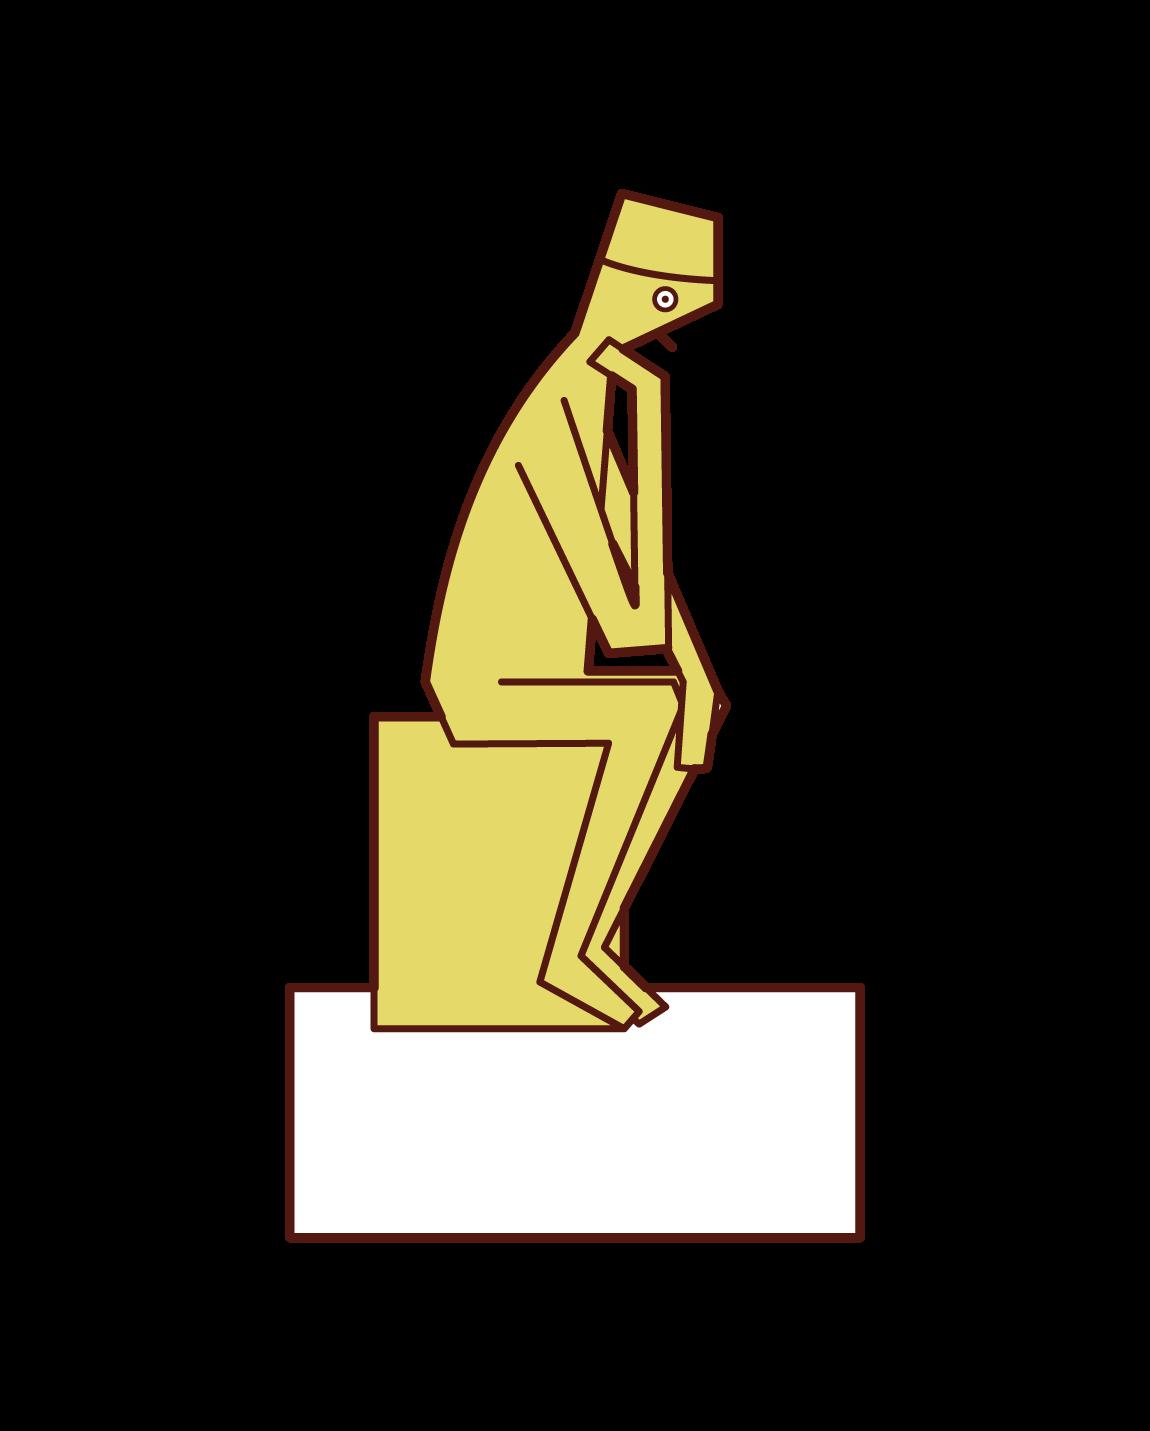 羅丹博物館,思考者插圖